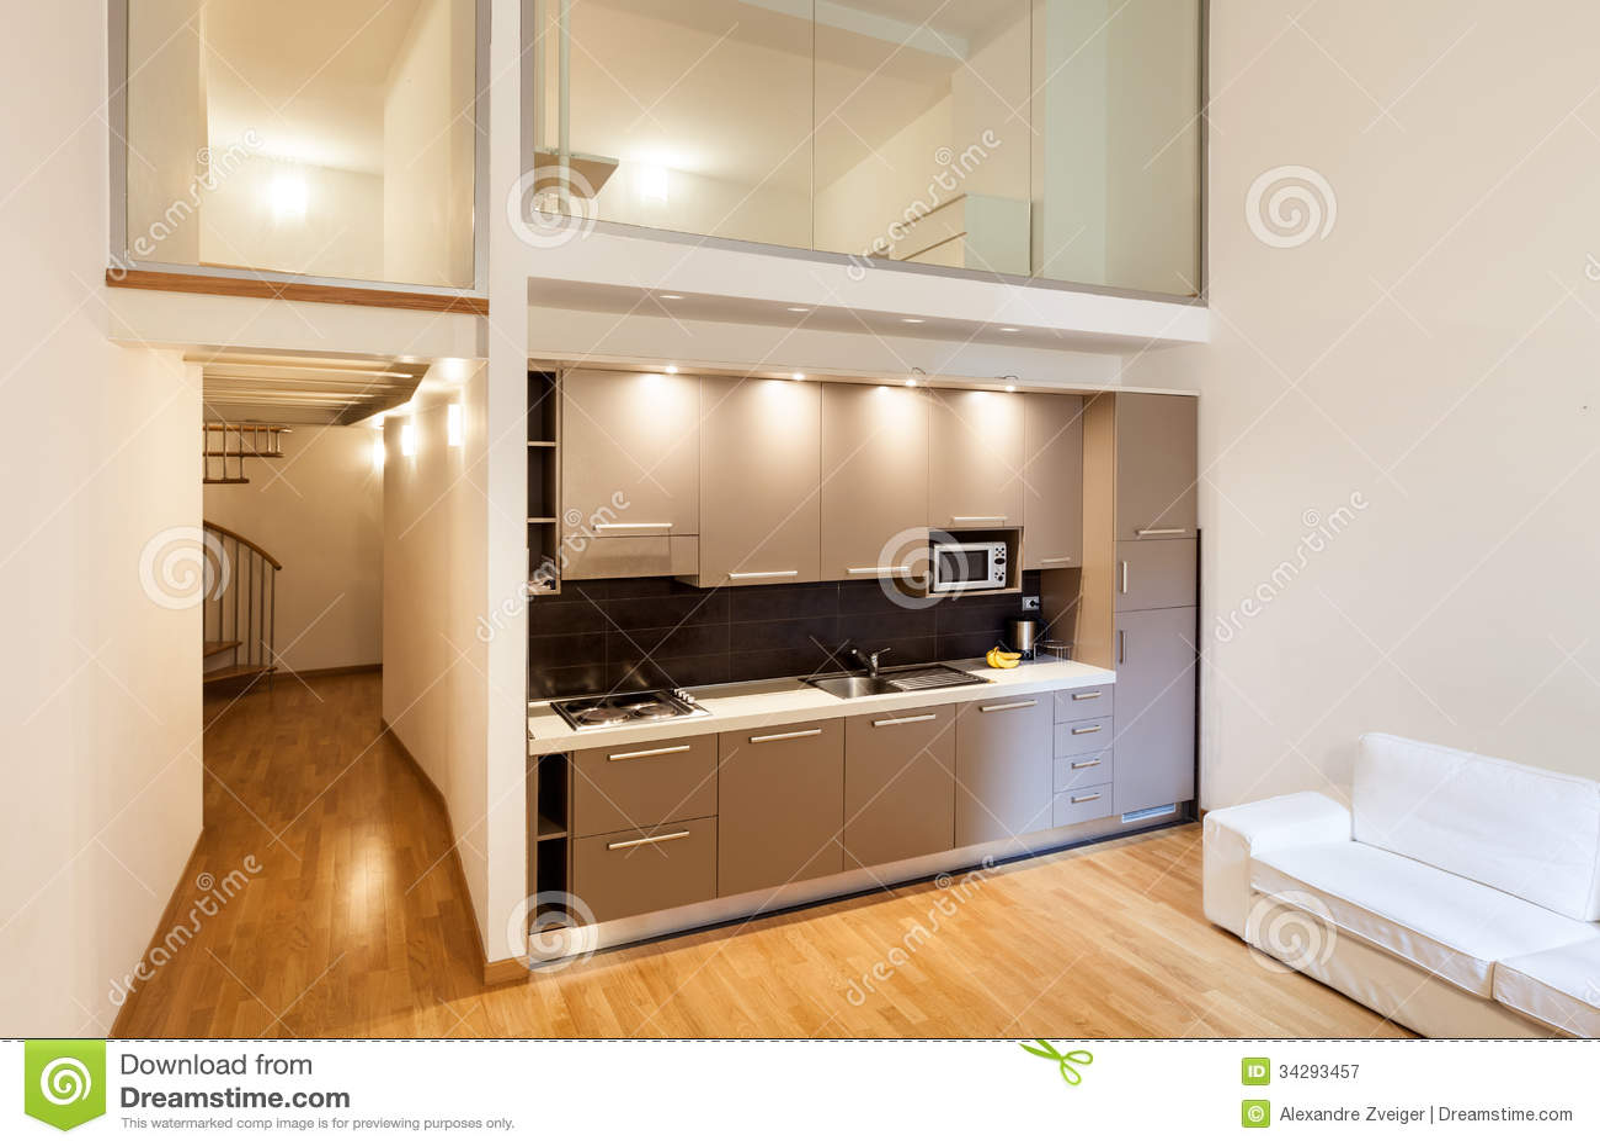 Innen Schöne Wohnung Stockbild Bild Von Liegesofa 34293457